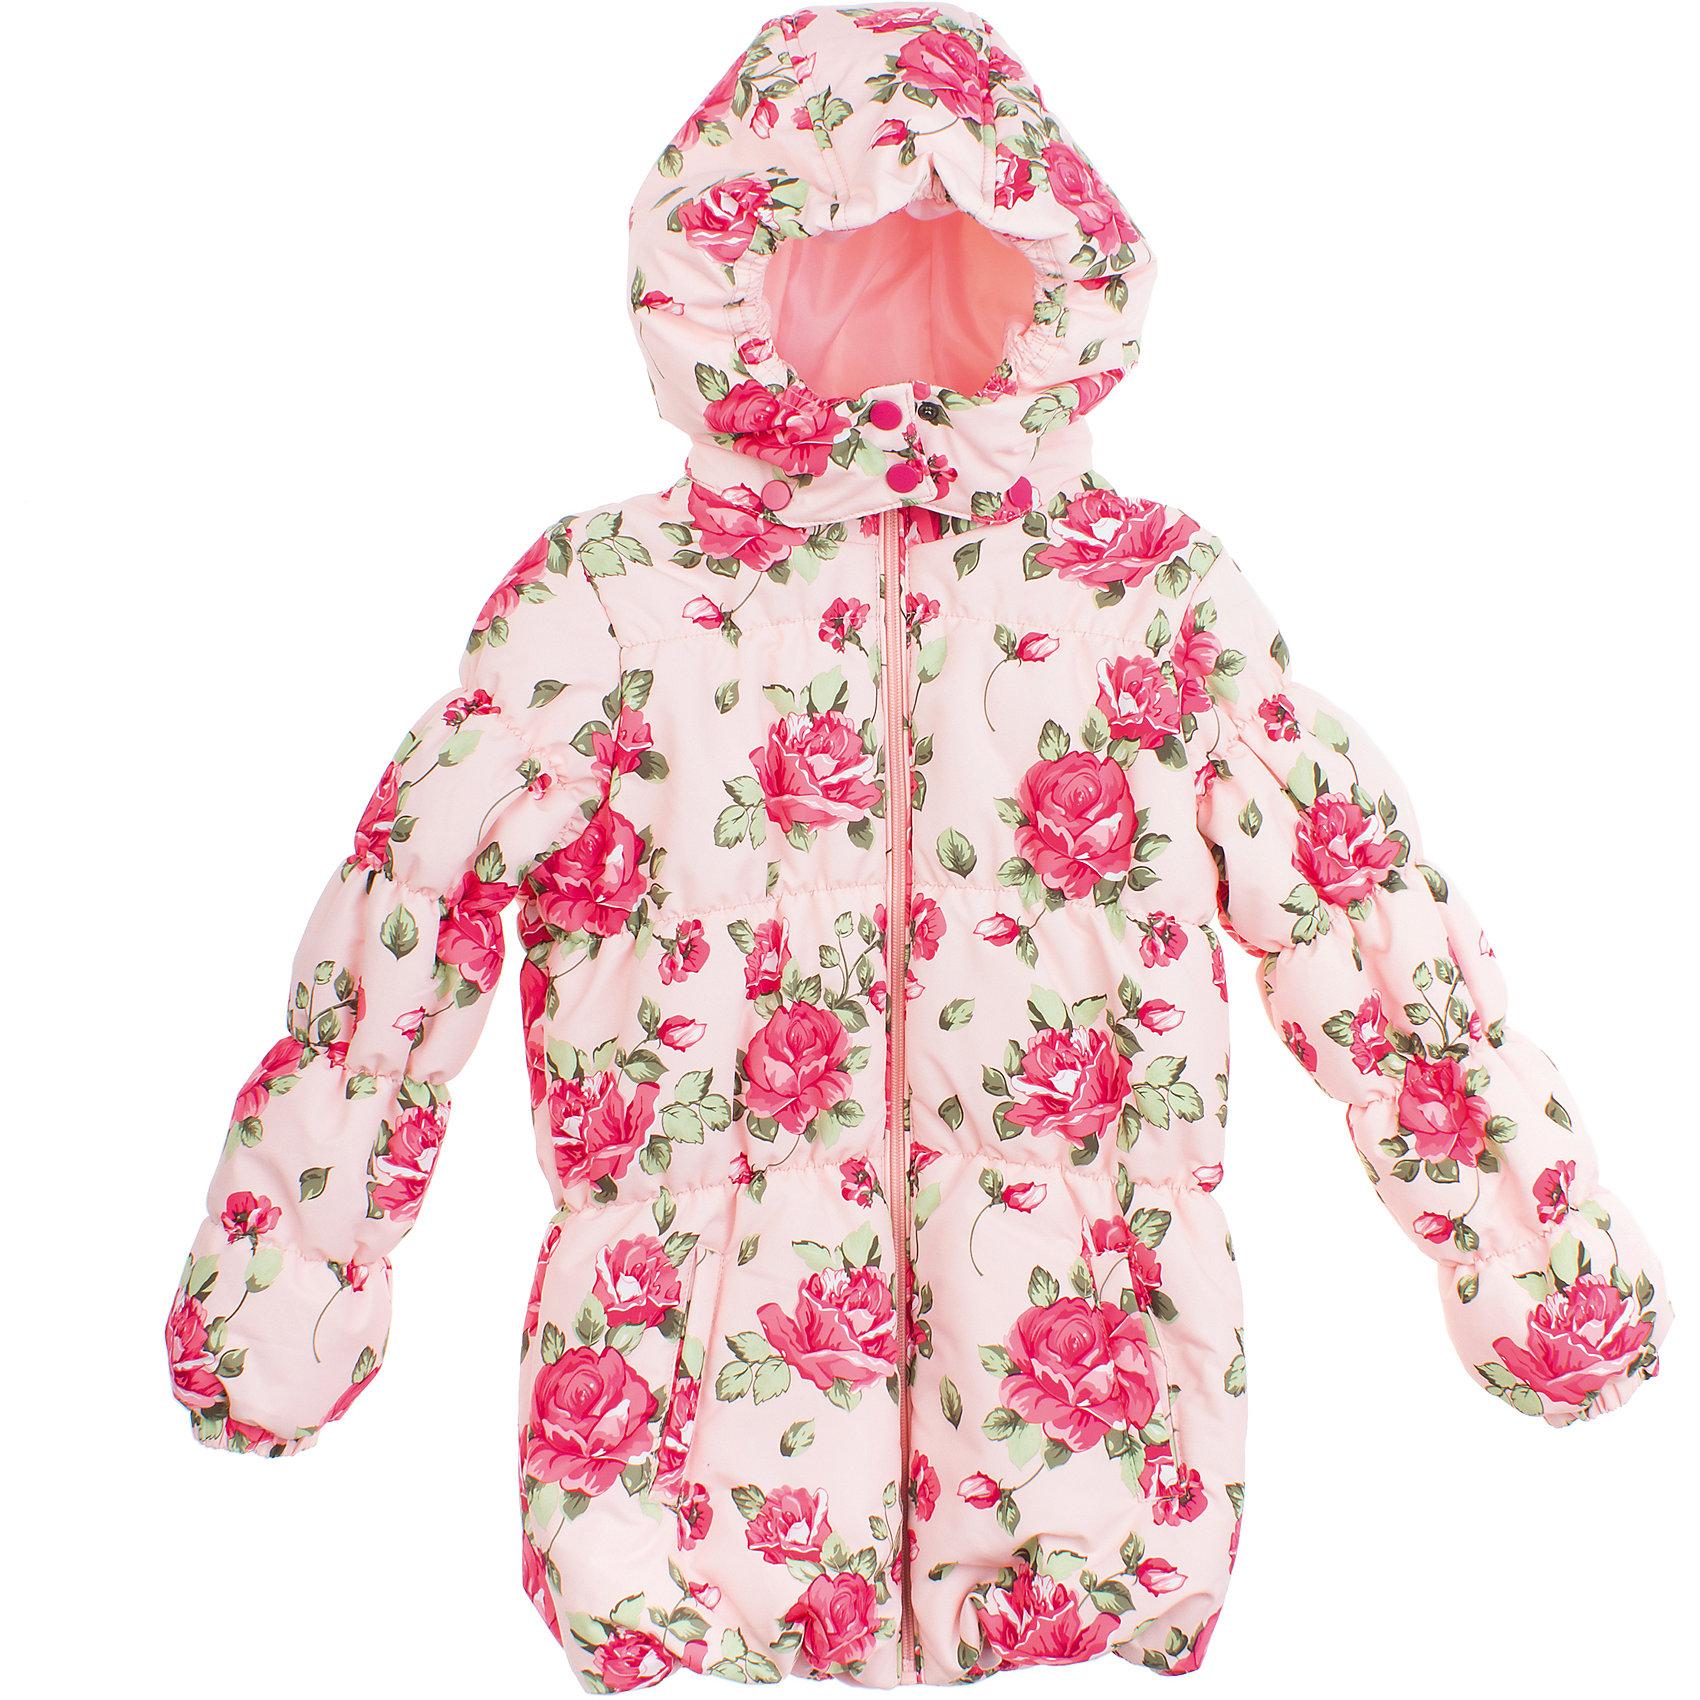 Куртка для девочки PlayTodayКуртка для девочки PlayToday <br><br>Состав: <br>Верх: 100% полиэстер <br>Подкладка: 100% полиэстер <br>Наполнитель: 100% полиэстер <br><br>Нежно-розовый цвет<br>Ткань в набивку с розами<br>Рукава, капюшон и низ на резинке<br>Подкладка - таффета<br>Наполнитель - синтепон<br>Застегивается на молнию с защитой подбородка<br>Капюшон на воротнике застегивается на две кнопки для защиты от ветра<br><br>Ширина мм: 356<br>Глубина мм: 10<br>Высота мм: 245<br>Вес г: 519<br>Цвет: розовый<br>Возраст от месяцев: 48<br>Возраст до месяцев: 60<br>Пол: Женский<br>Возраст: Детский<br>Размер: 104,128,116,98,110,122<br>SKU: 4504423